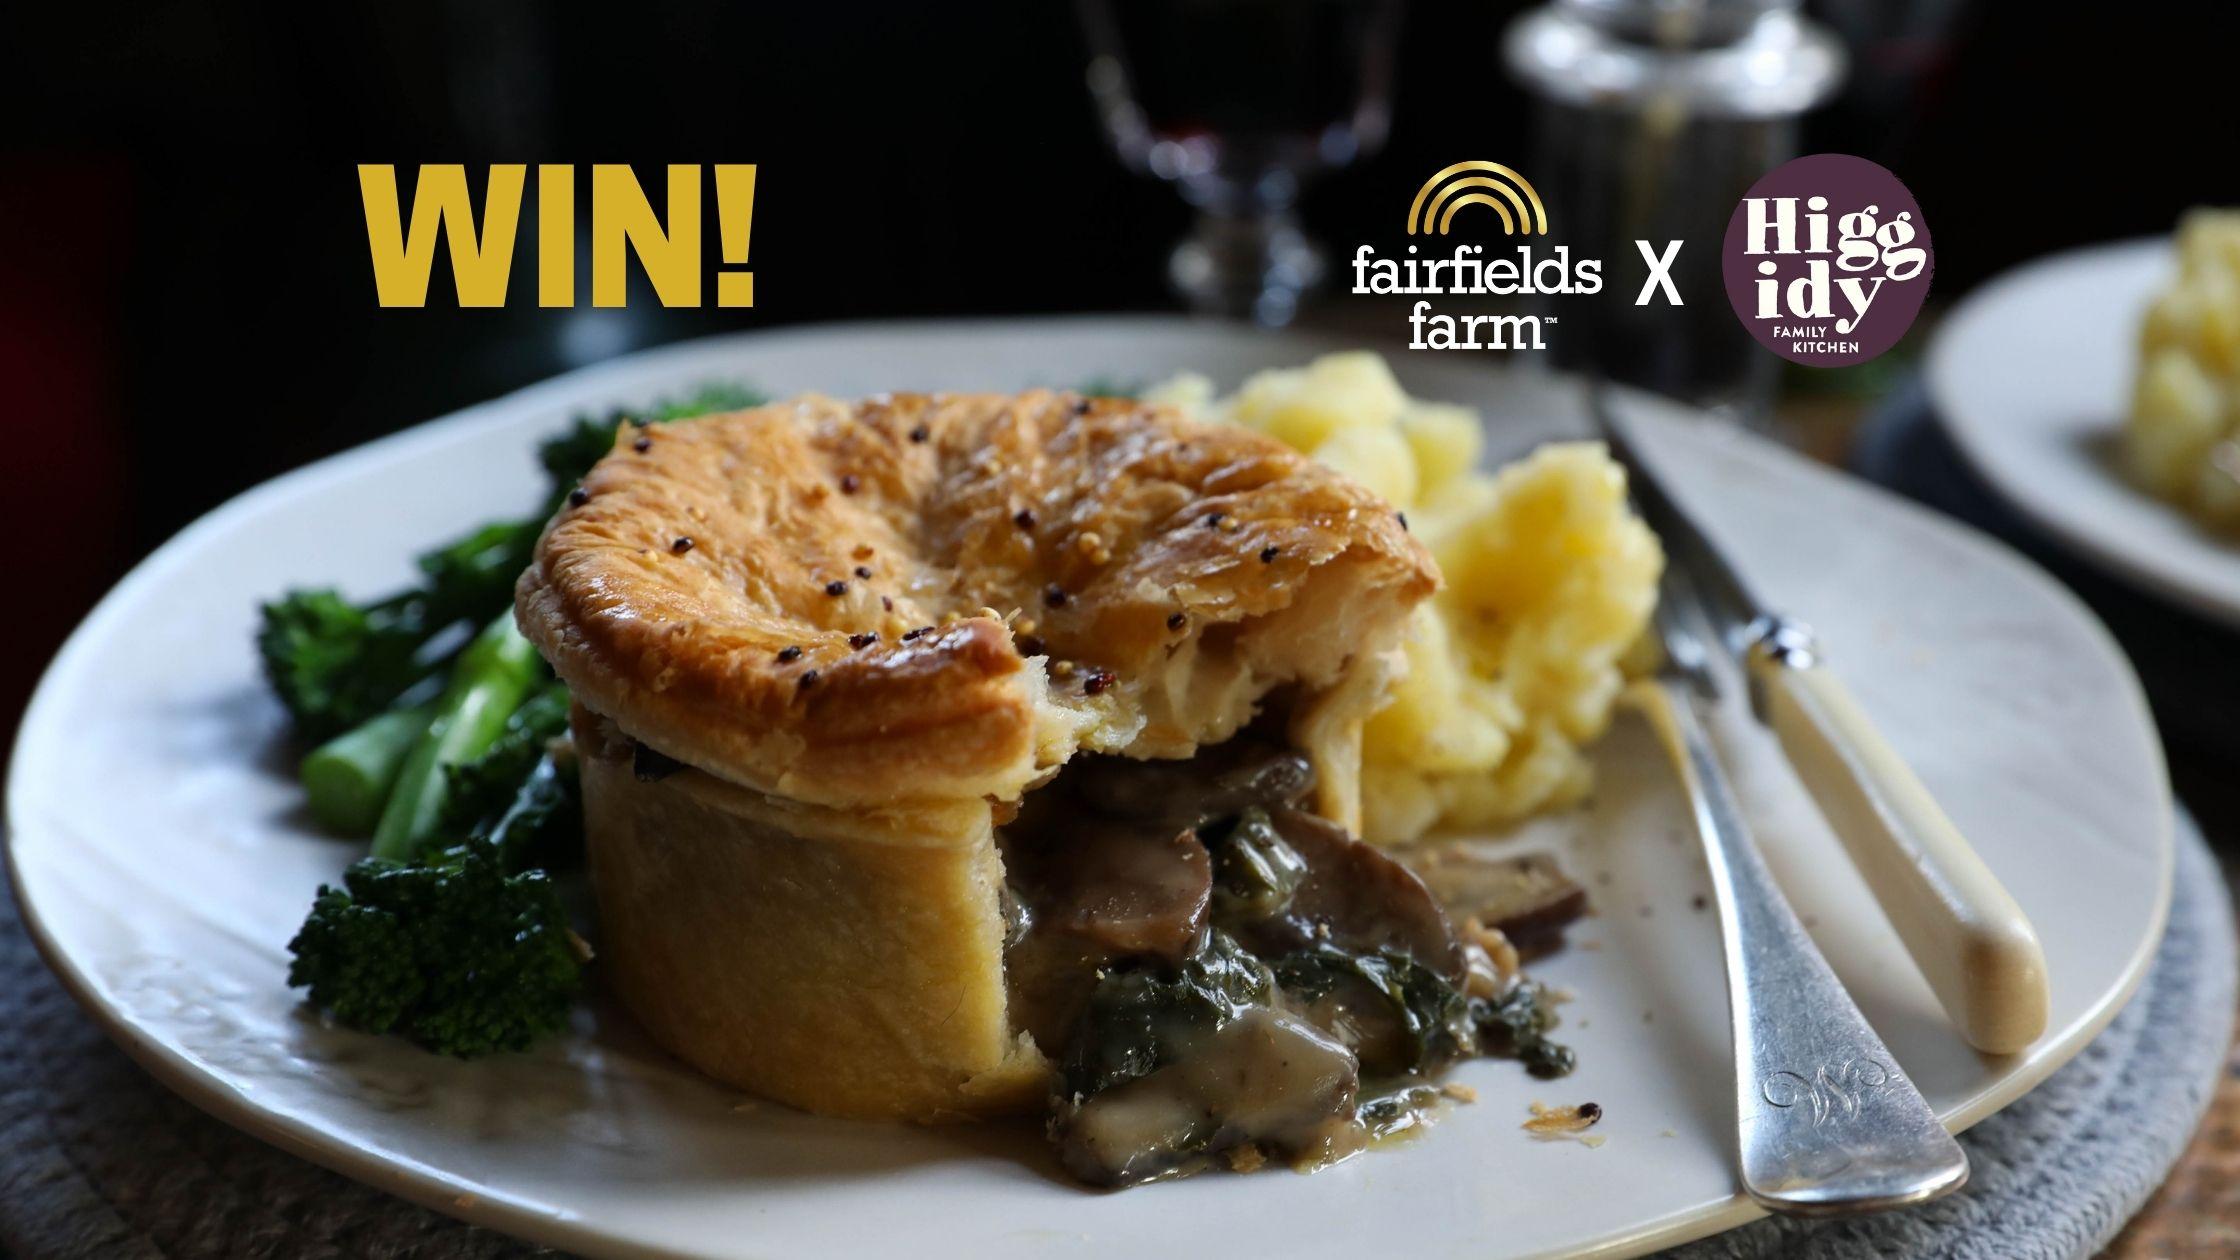 WIN Fairfields Farm x Higgidy Perfect Pie & Mash